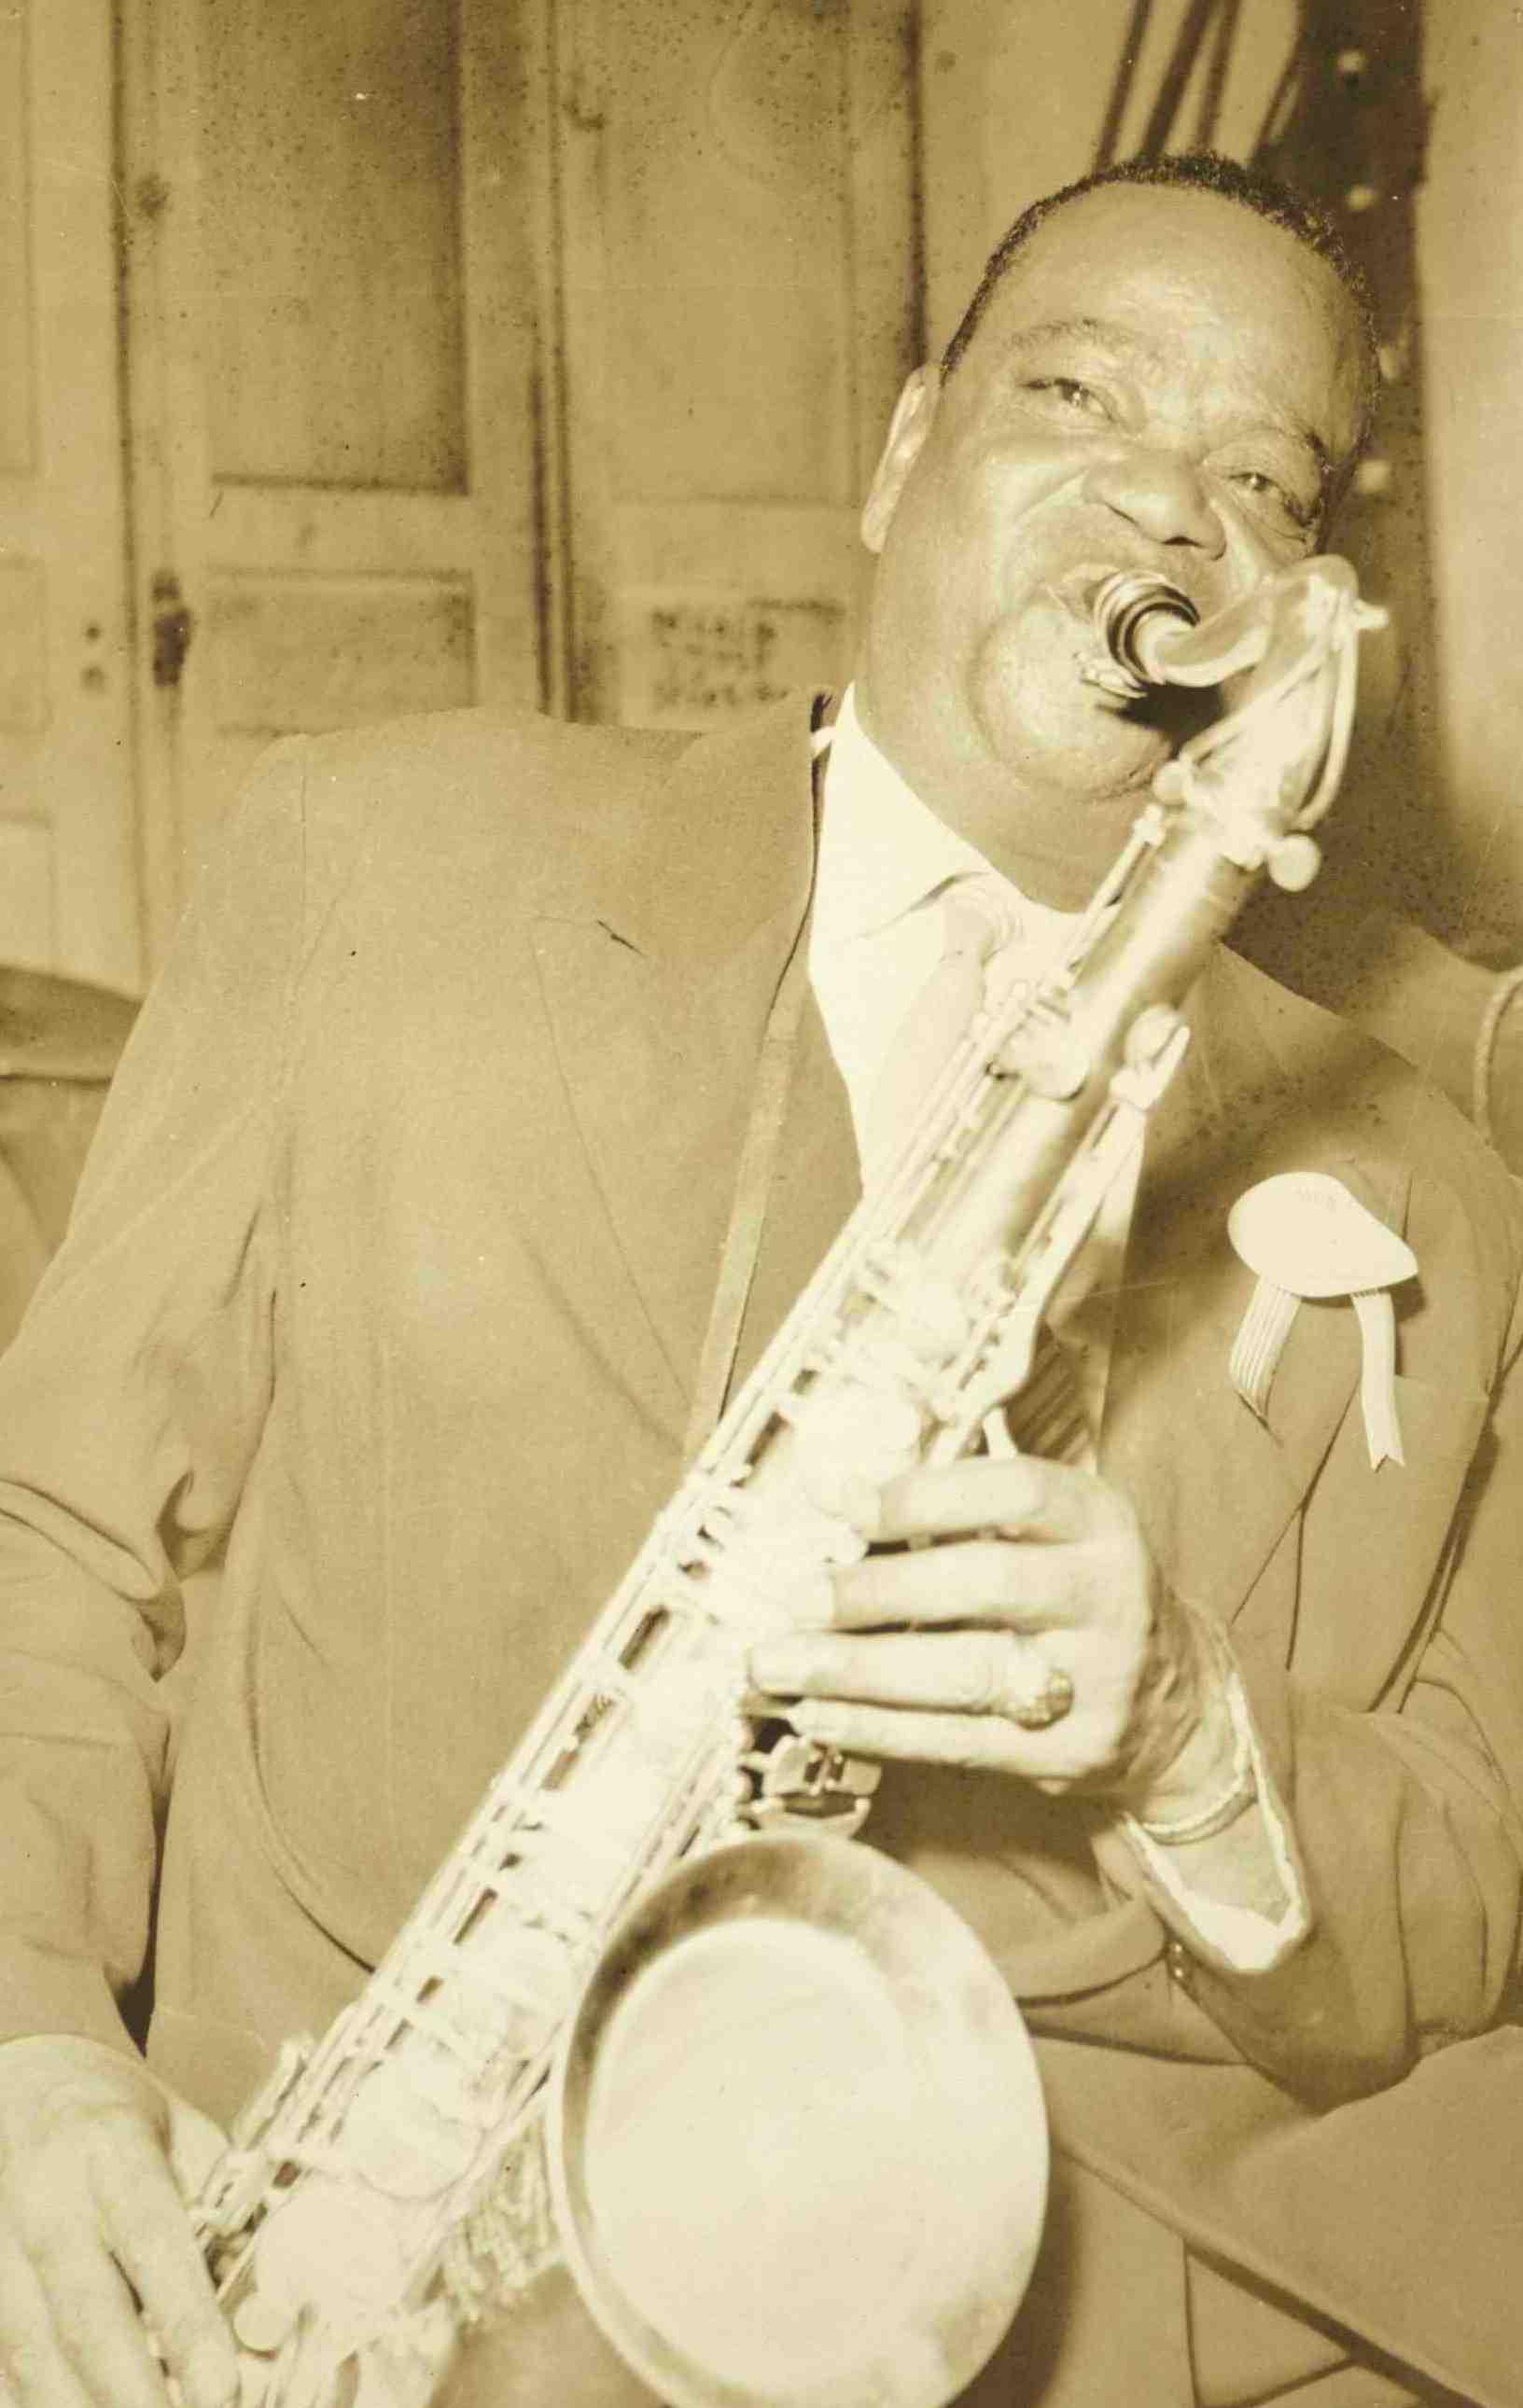 Pixinguinha tocando saxofone. Na lapela, a condecoração recebida por ocasião dos Festivais da Velha Guarda. São Paulo, 1954 ou 1955 (MIS_MIS_116745 / Acervo MIS-RJ)